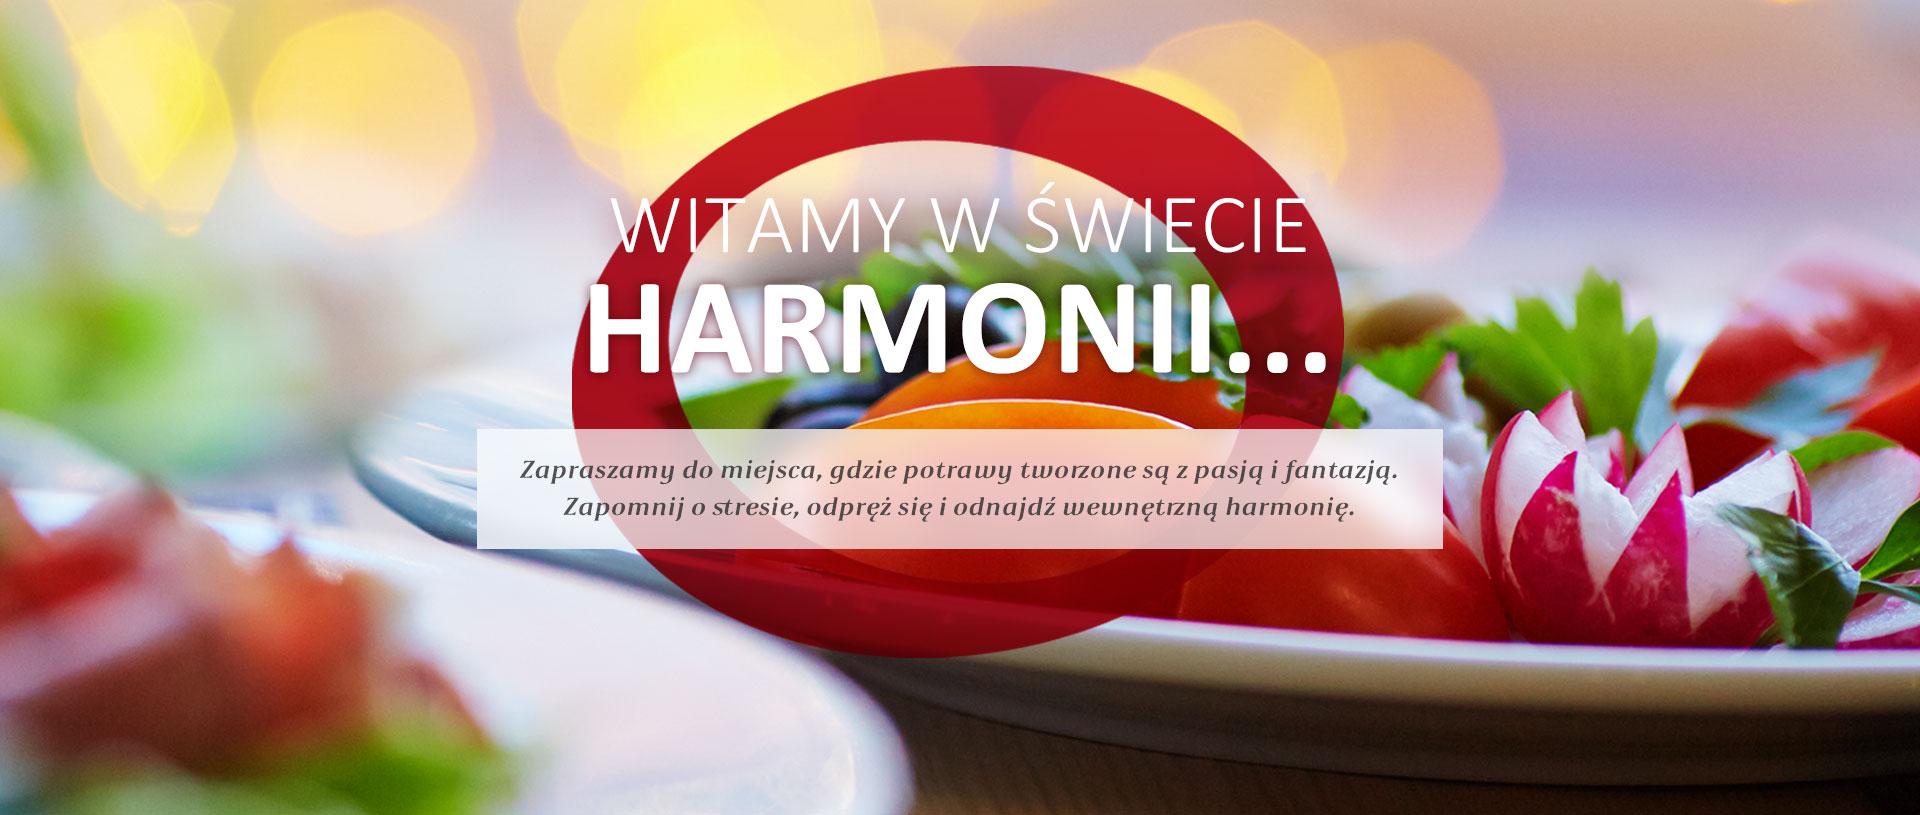 Restauracja Harmonia - Zdjęcie w sliderze nr 4